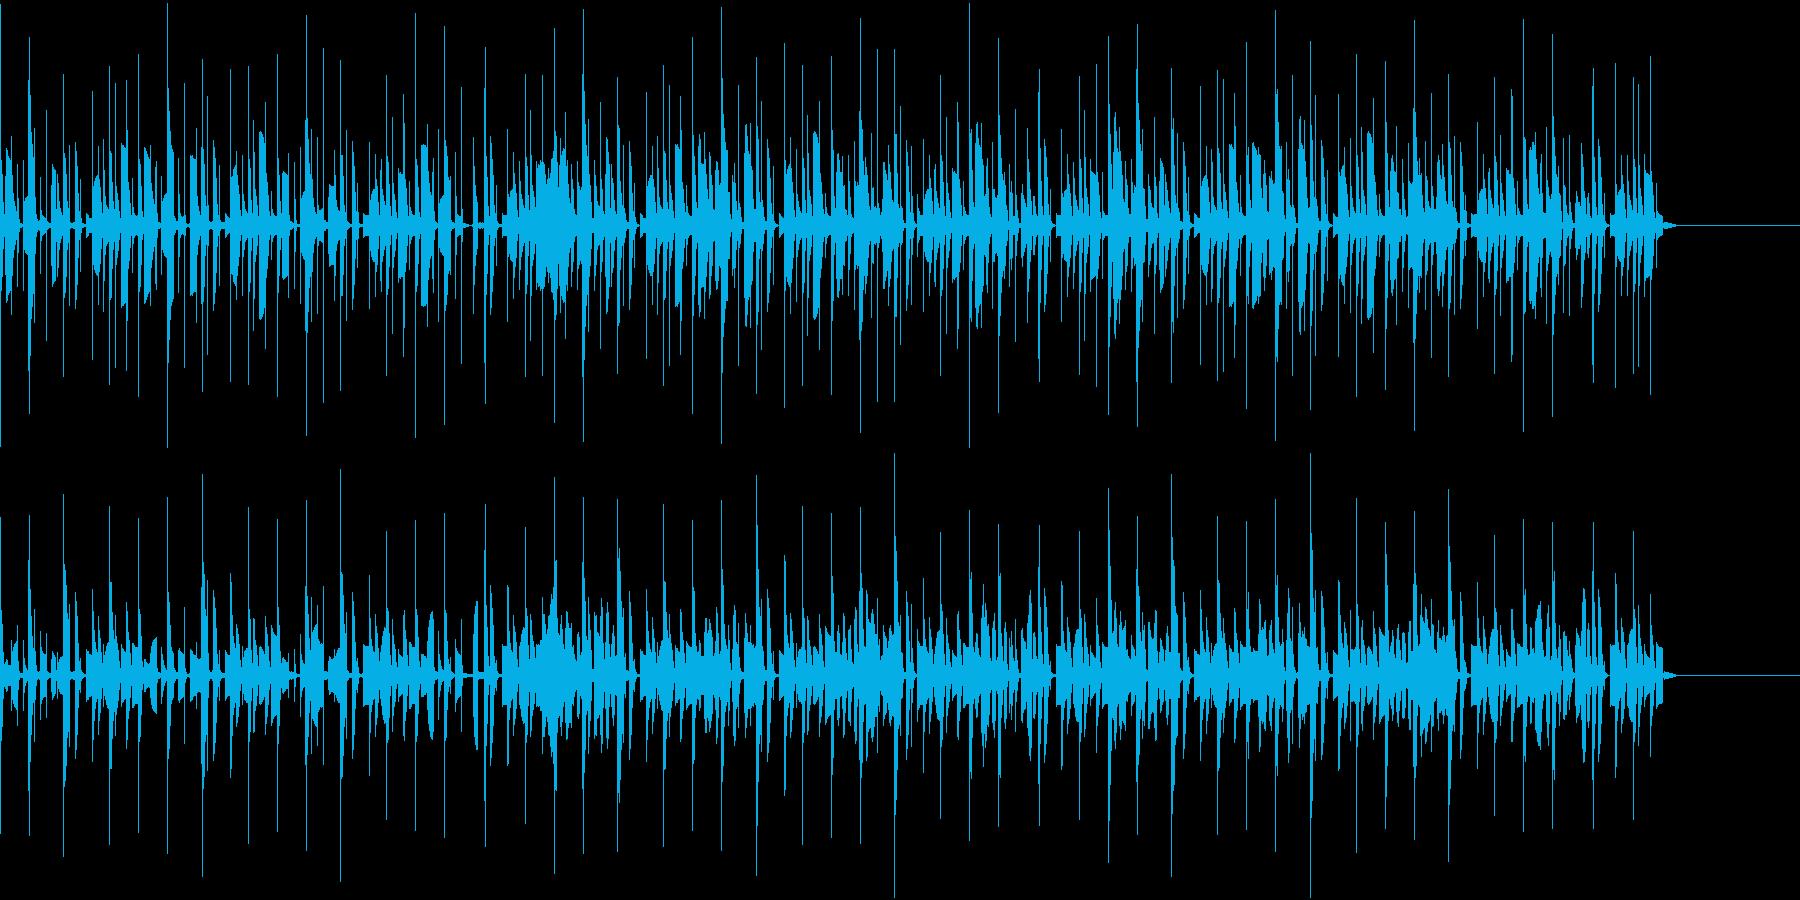 電子楽器を使ったやわらかいBGMの再生済みの波形